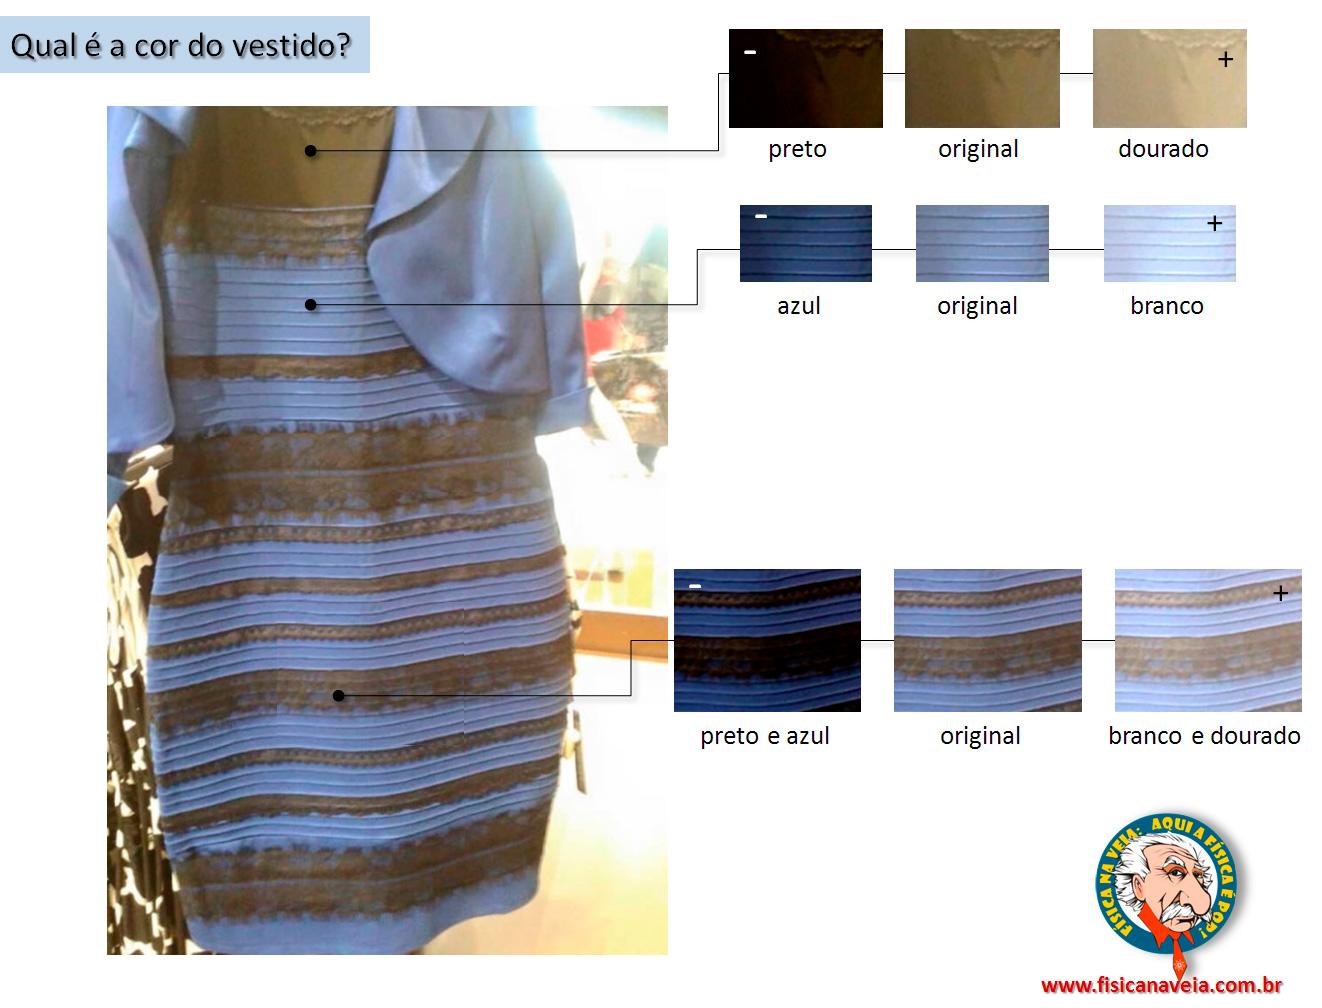 a_cor_do_vestido_explicado